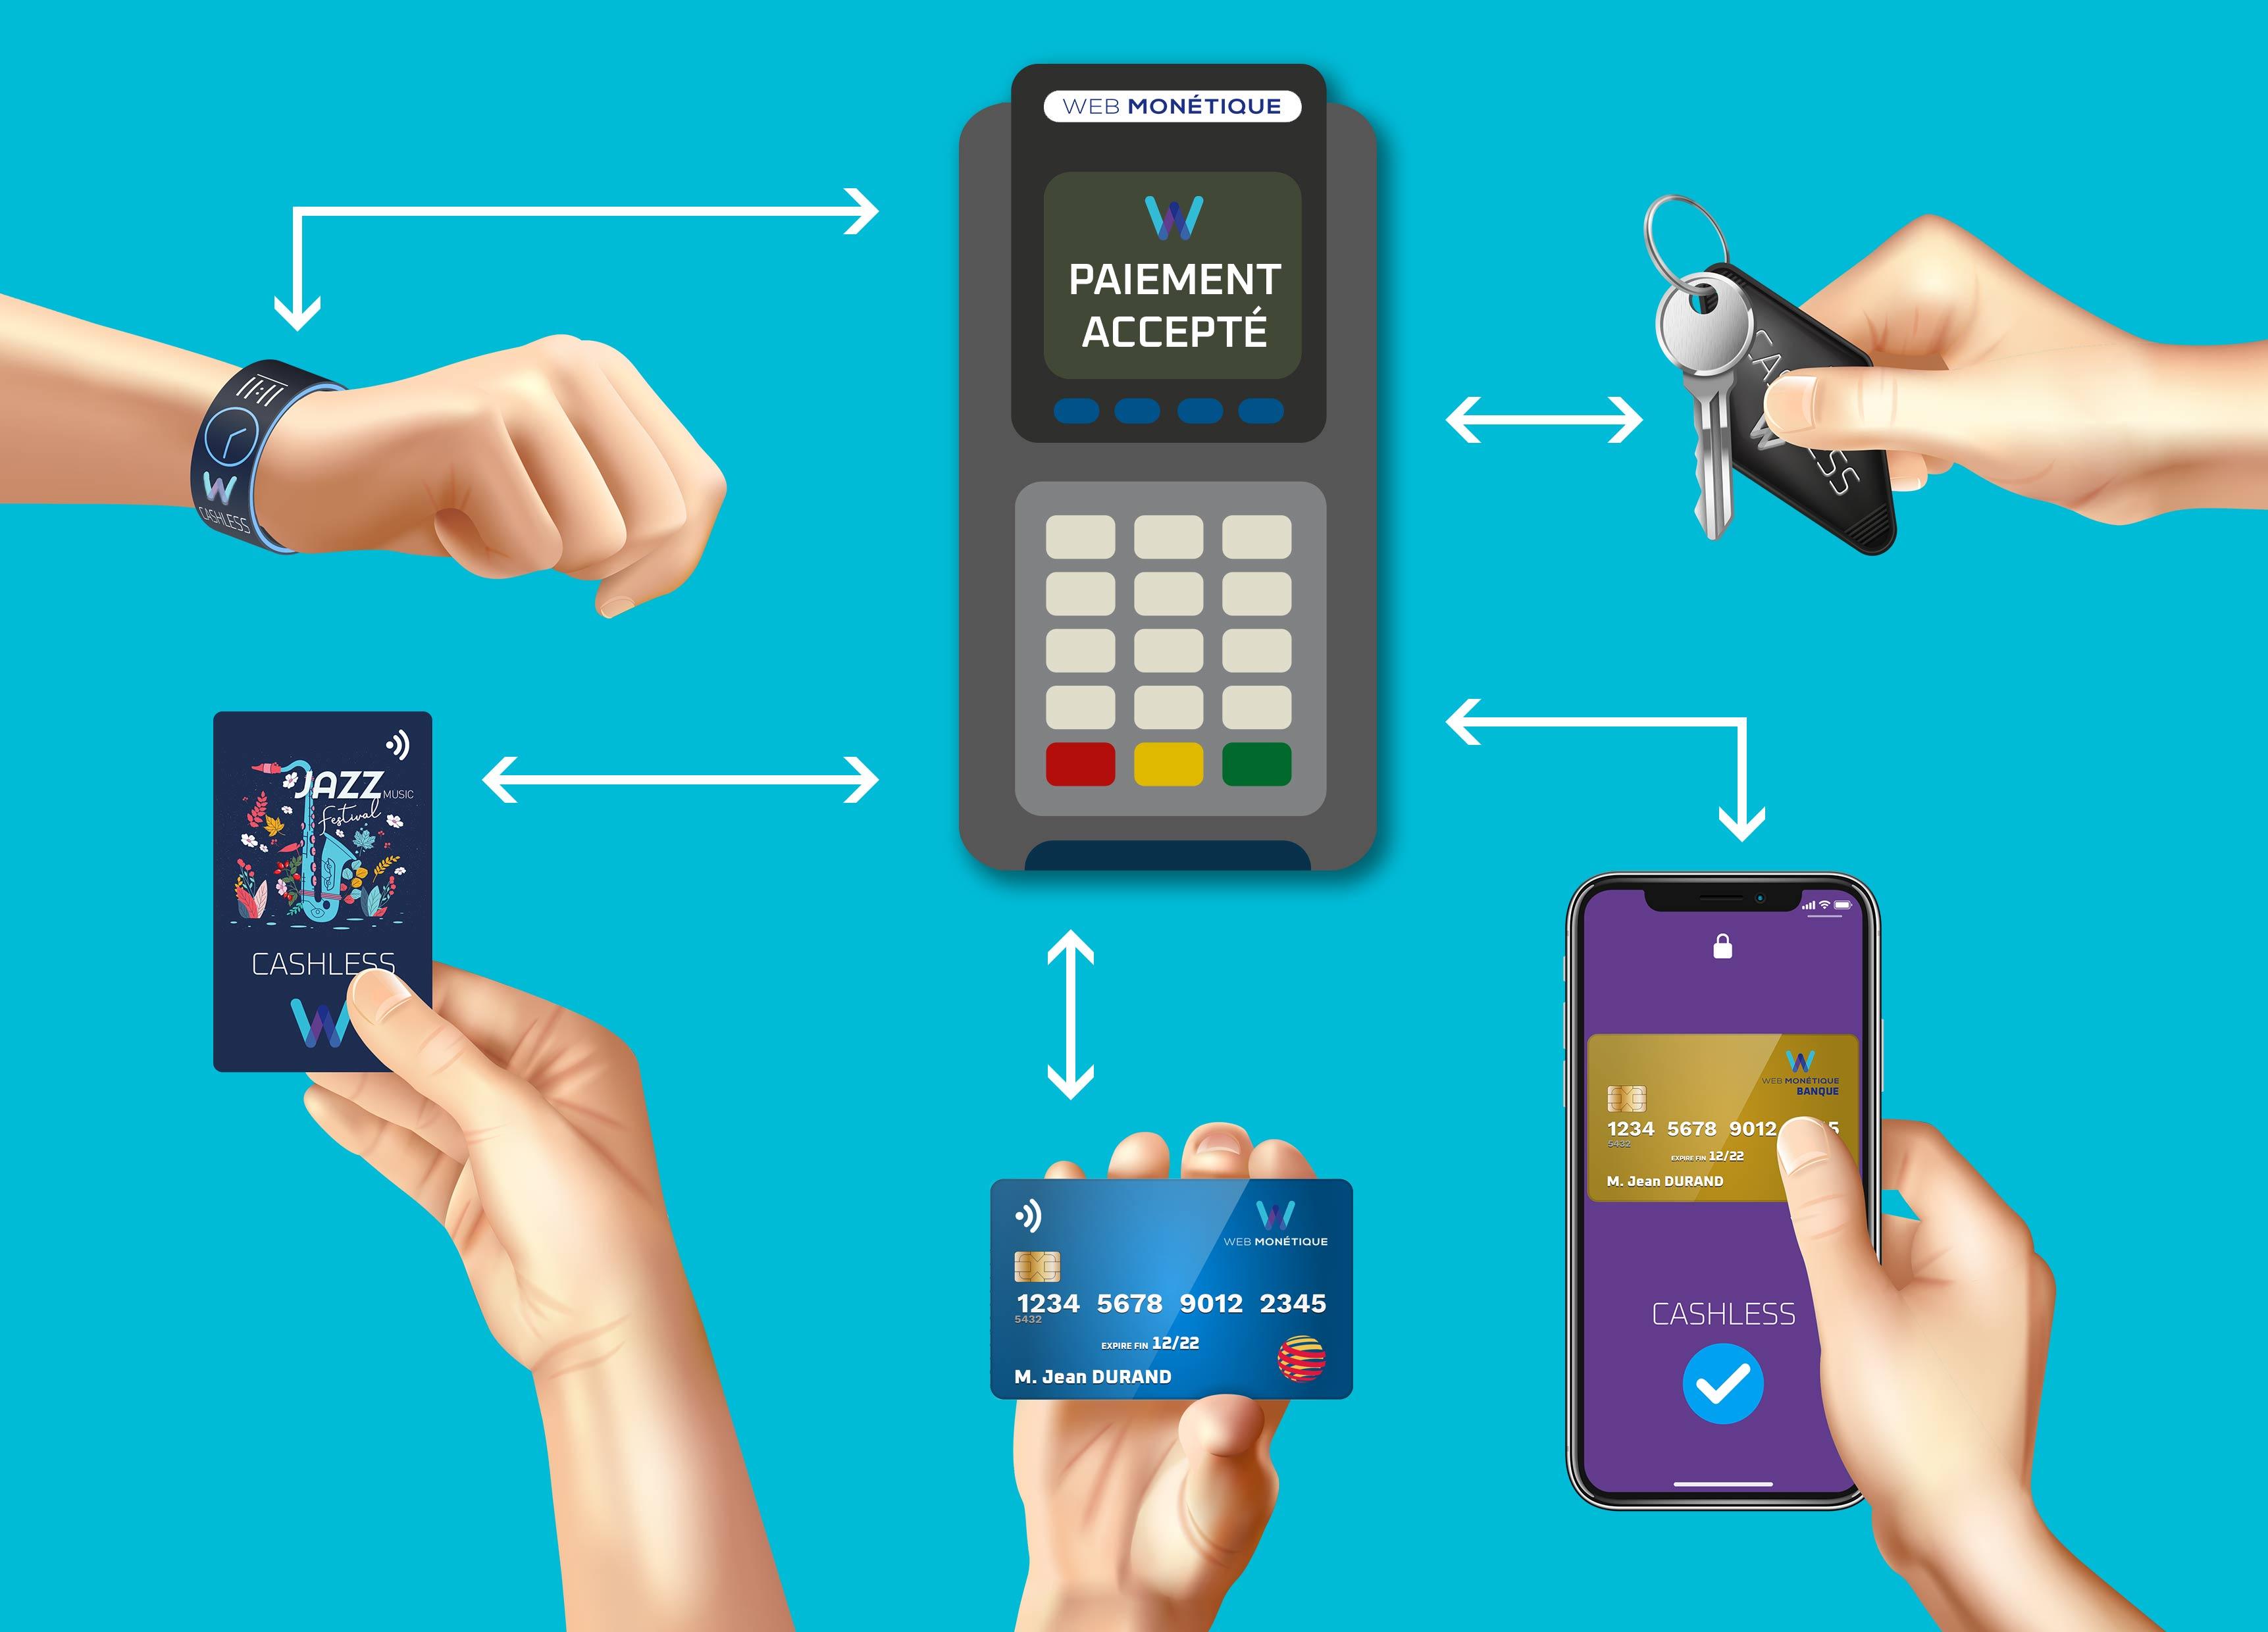 Free cashing La solution de paiement cashless